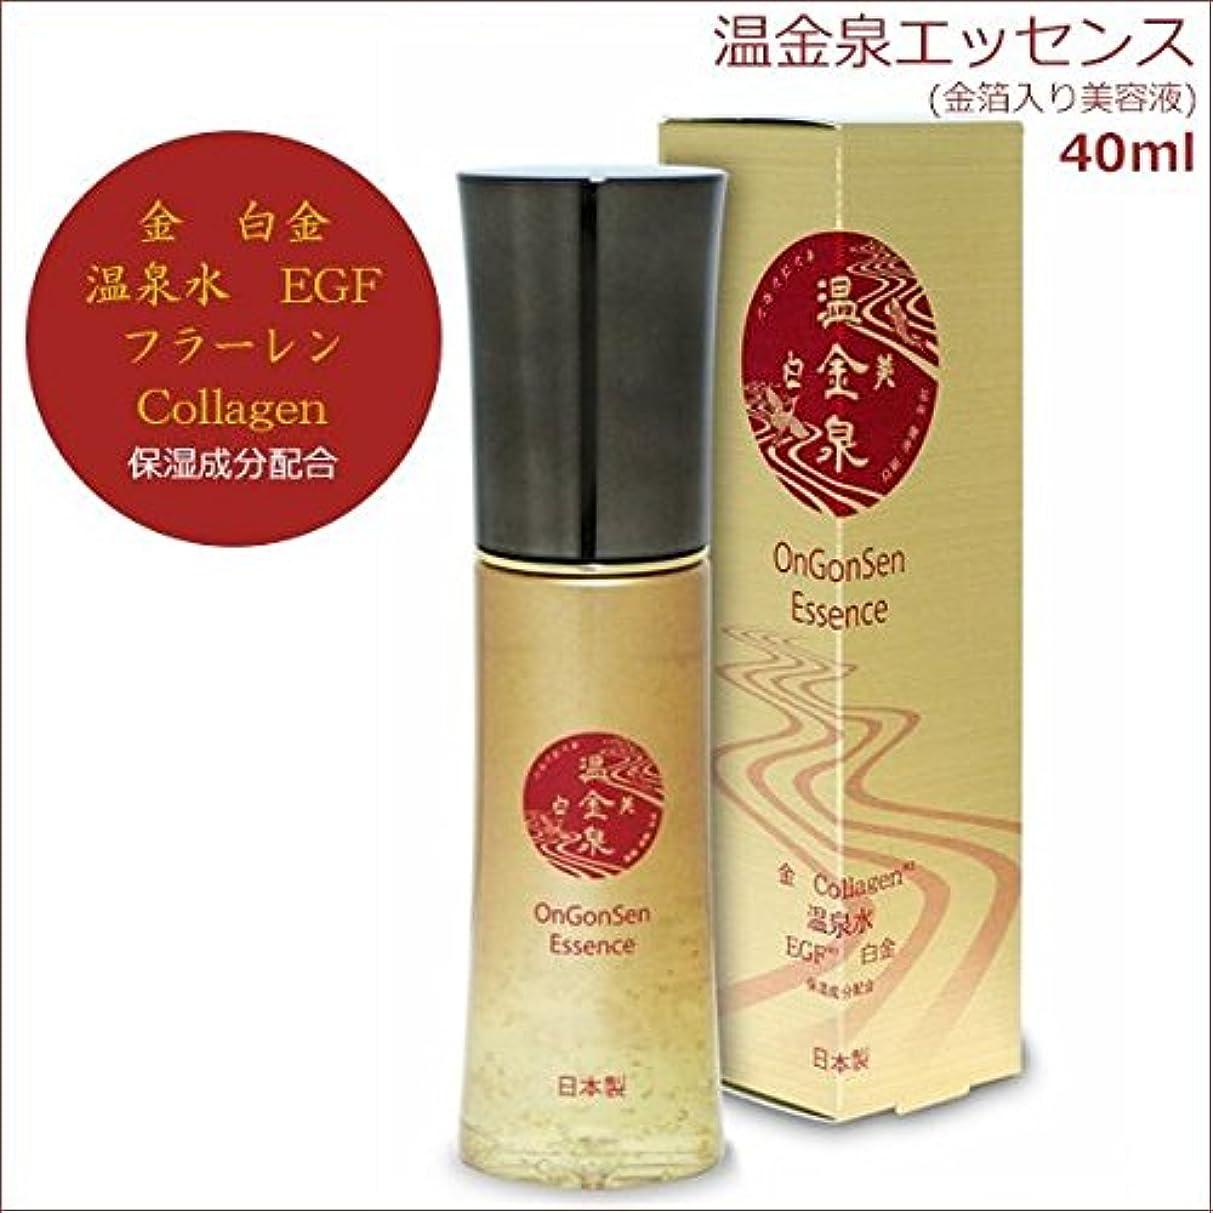 日本製 HiROSOPHY ヒロソフィー 温金泉(オンゴンセン)エッセンス (金箔入り美容液) 40ml